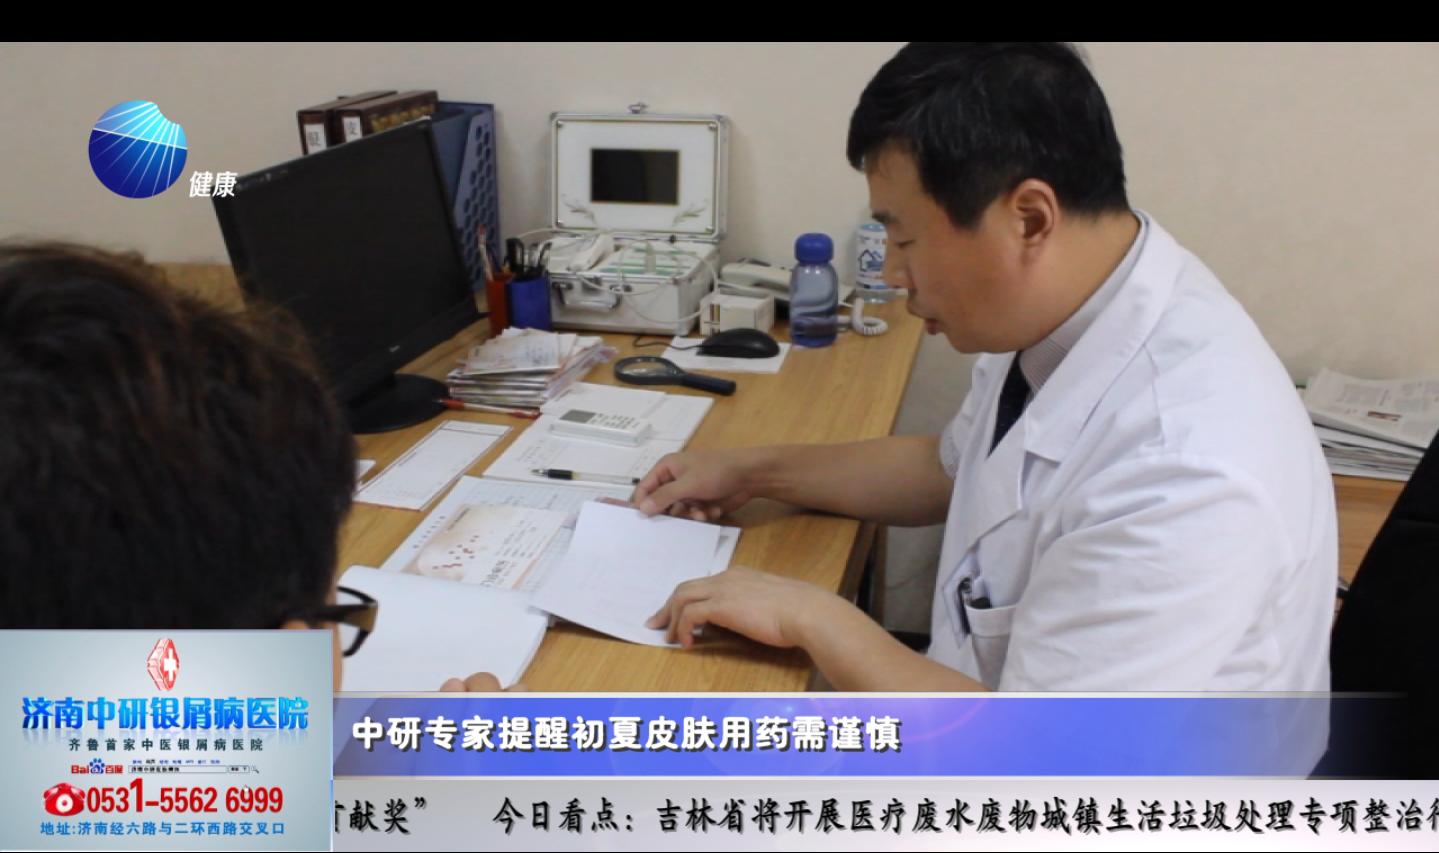 山东健康新闻20160625期: 中研专家提醒初夏皮肤用药需谨慎